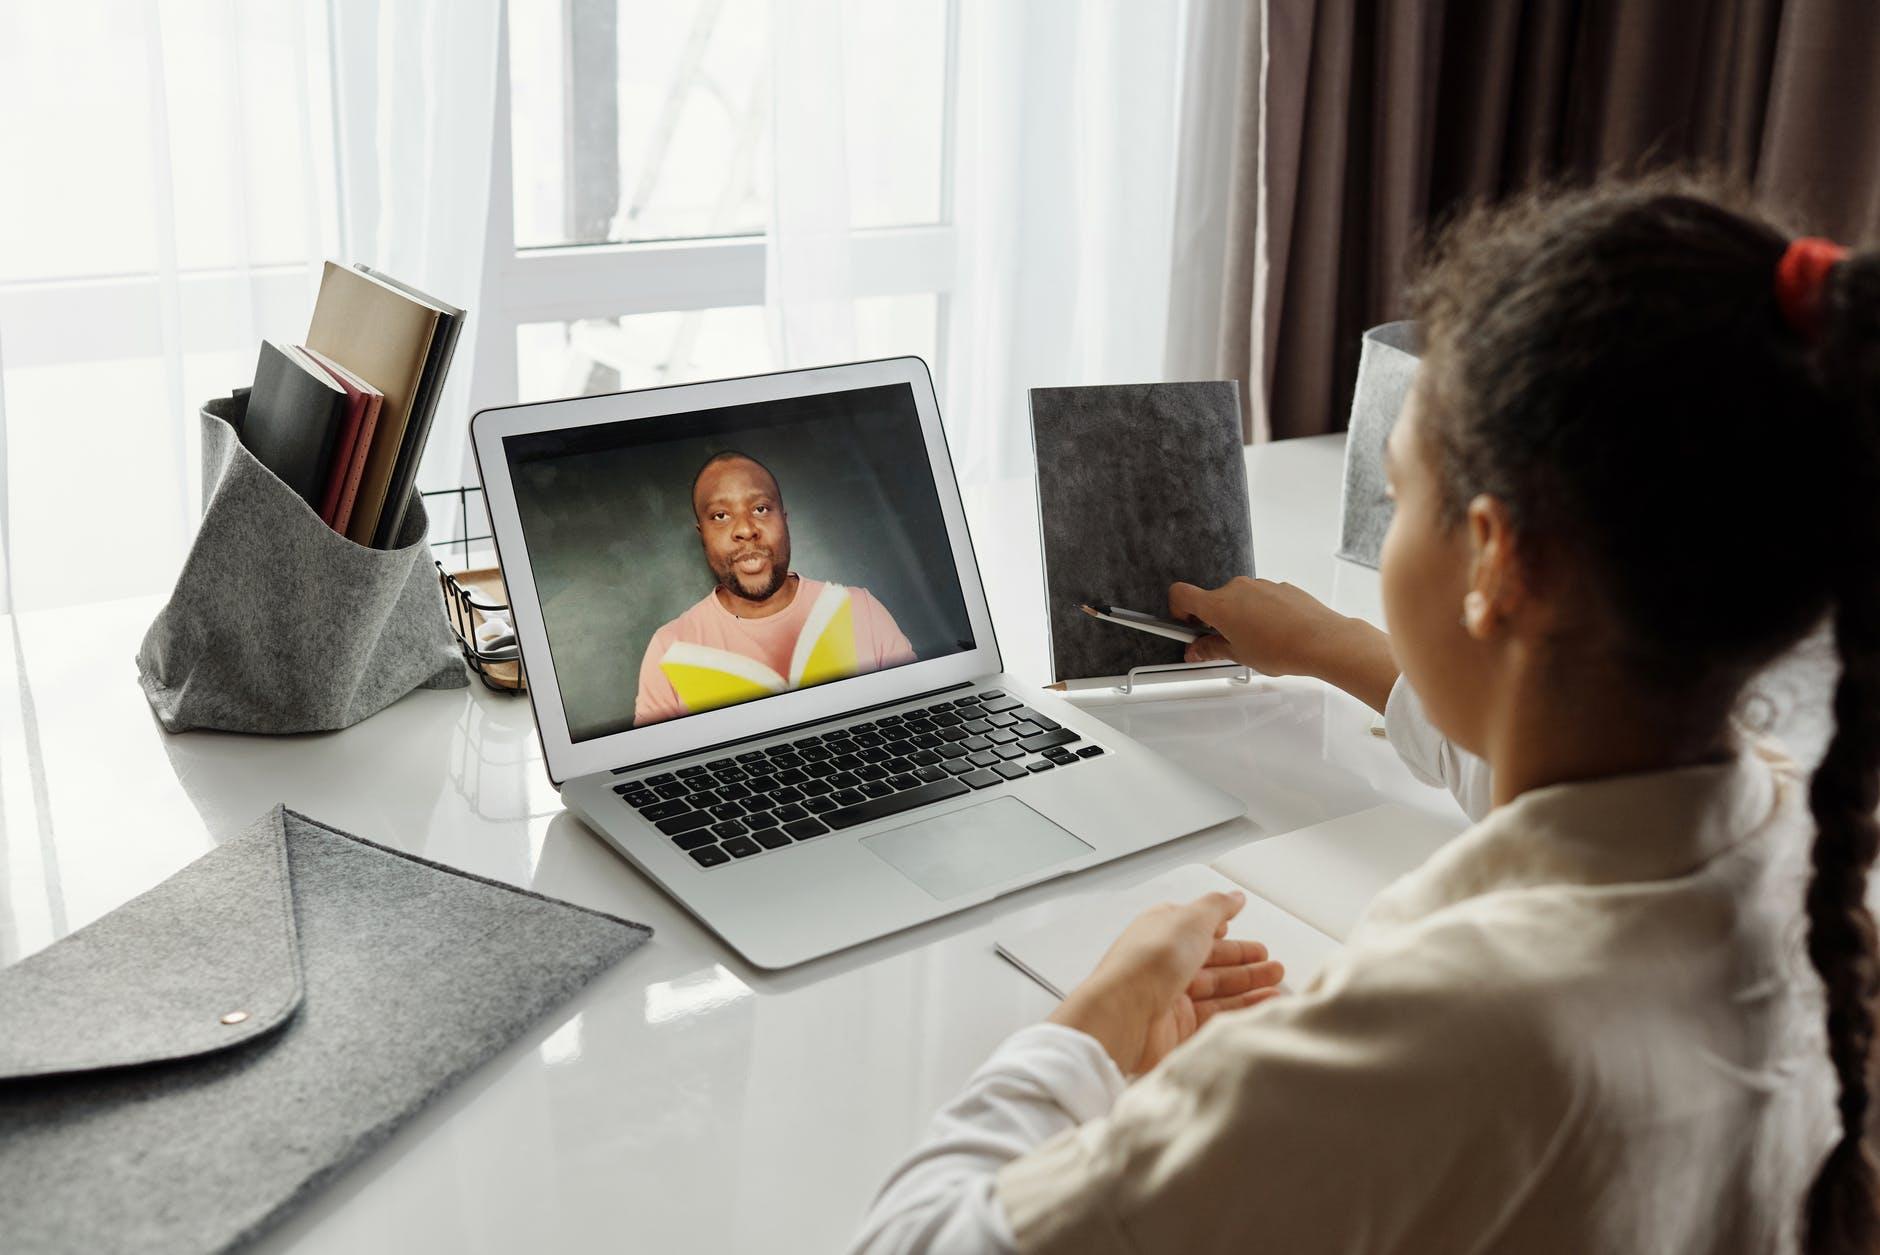 A child during an online class